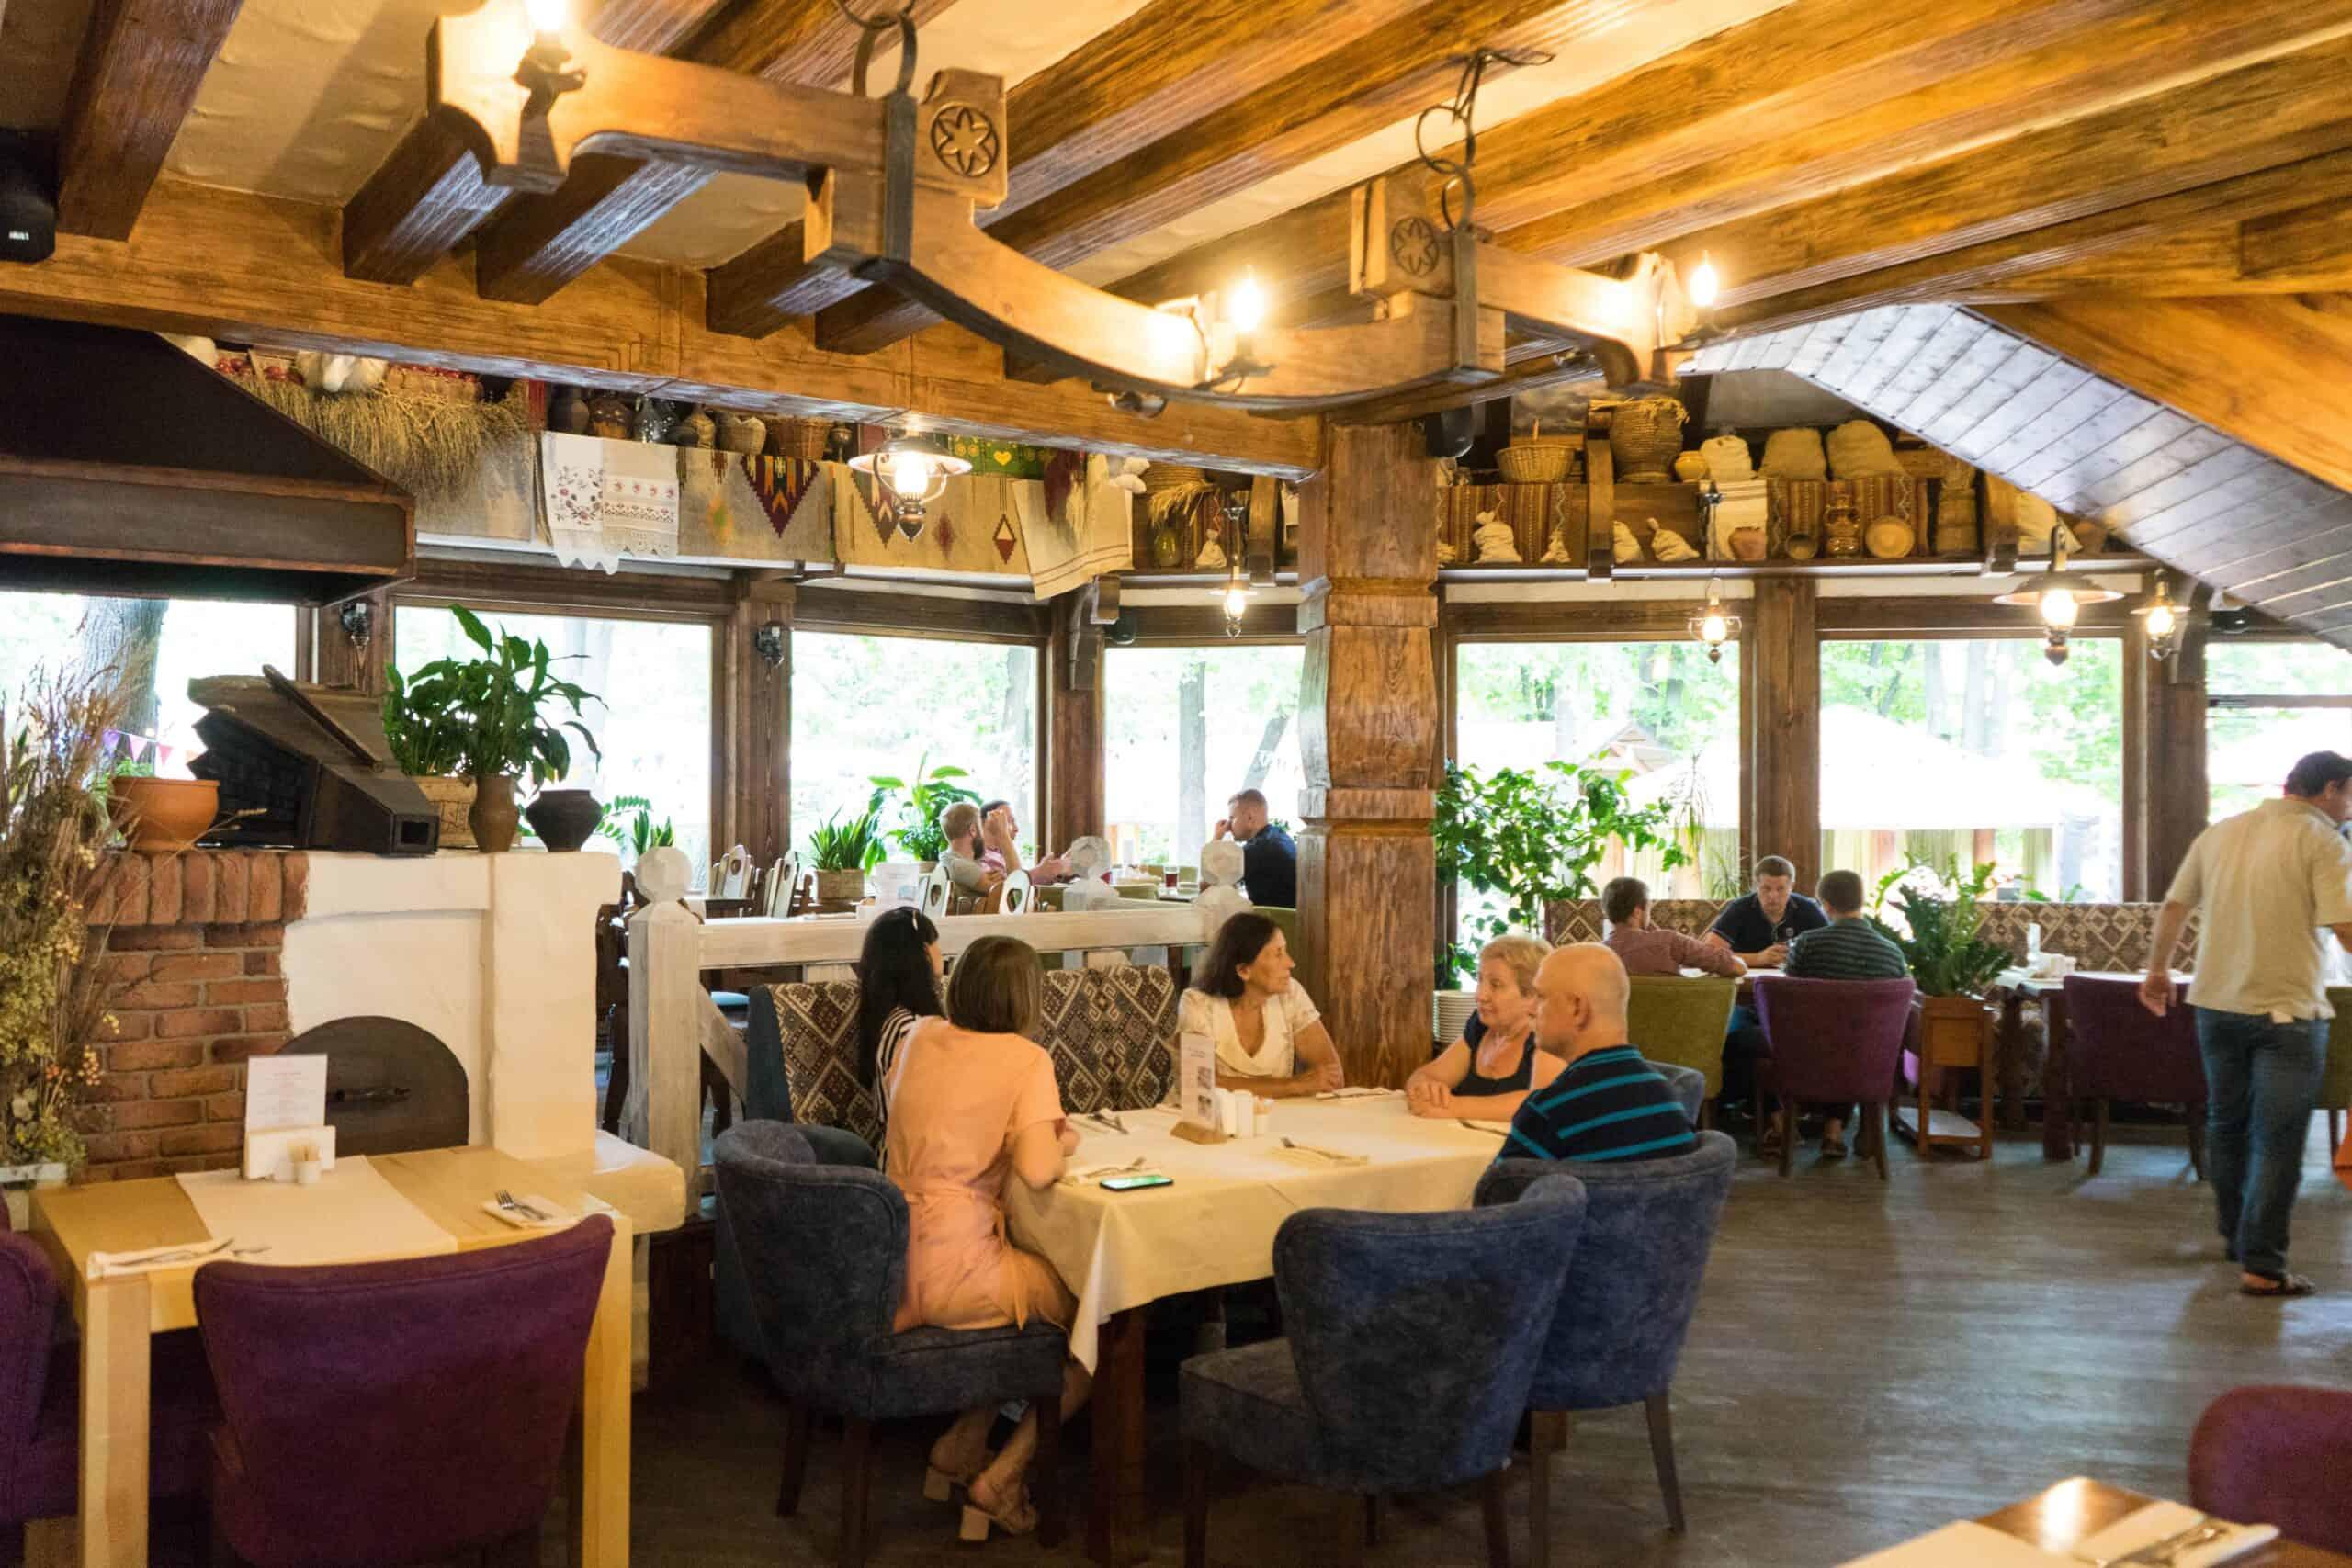 Restaurant Taras_Interior3-min